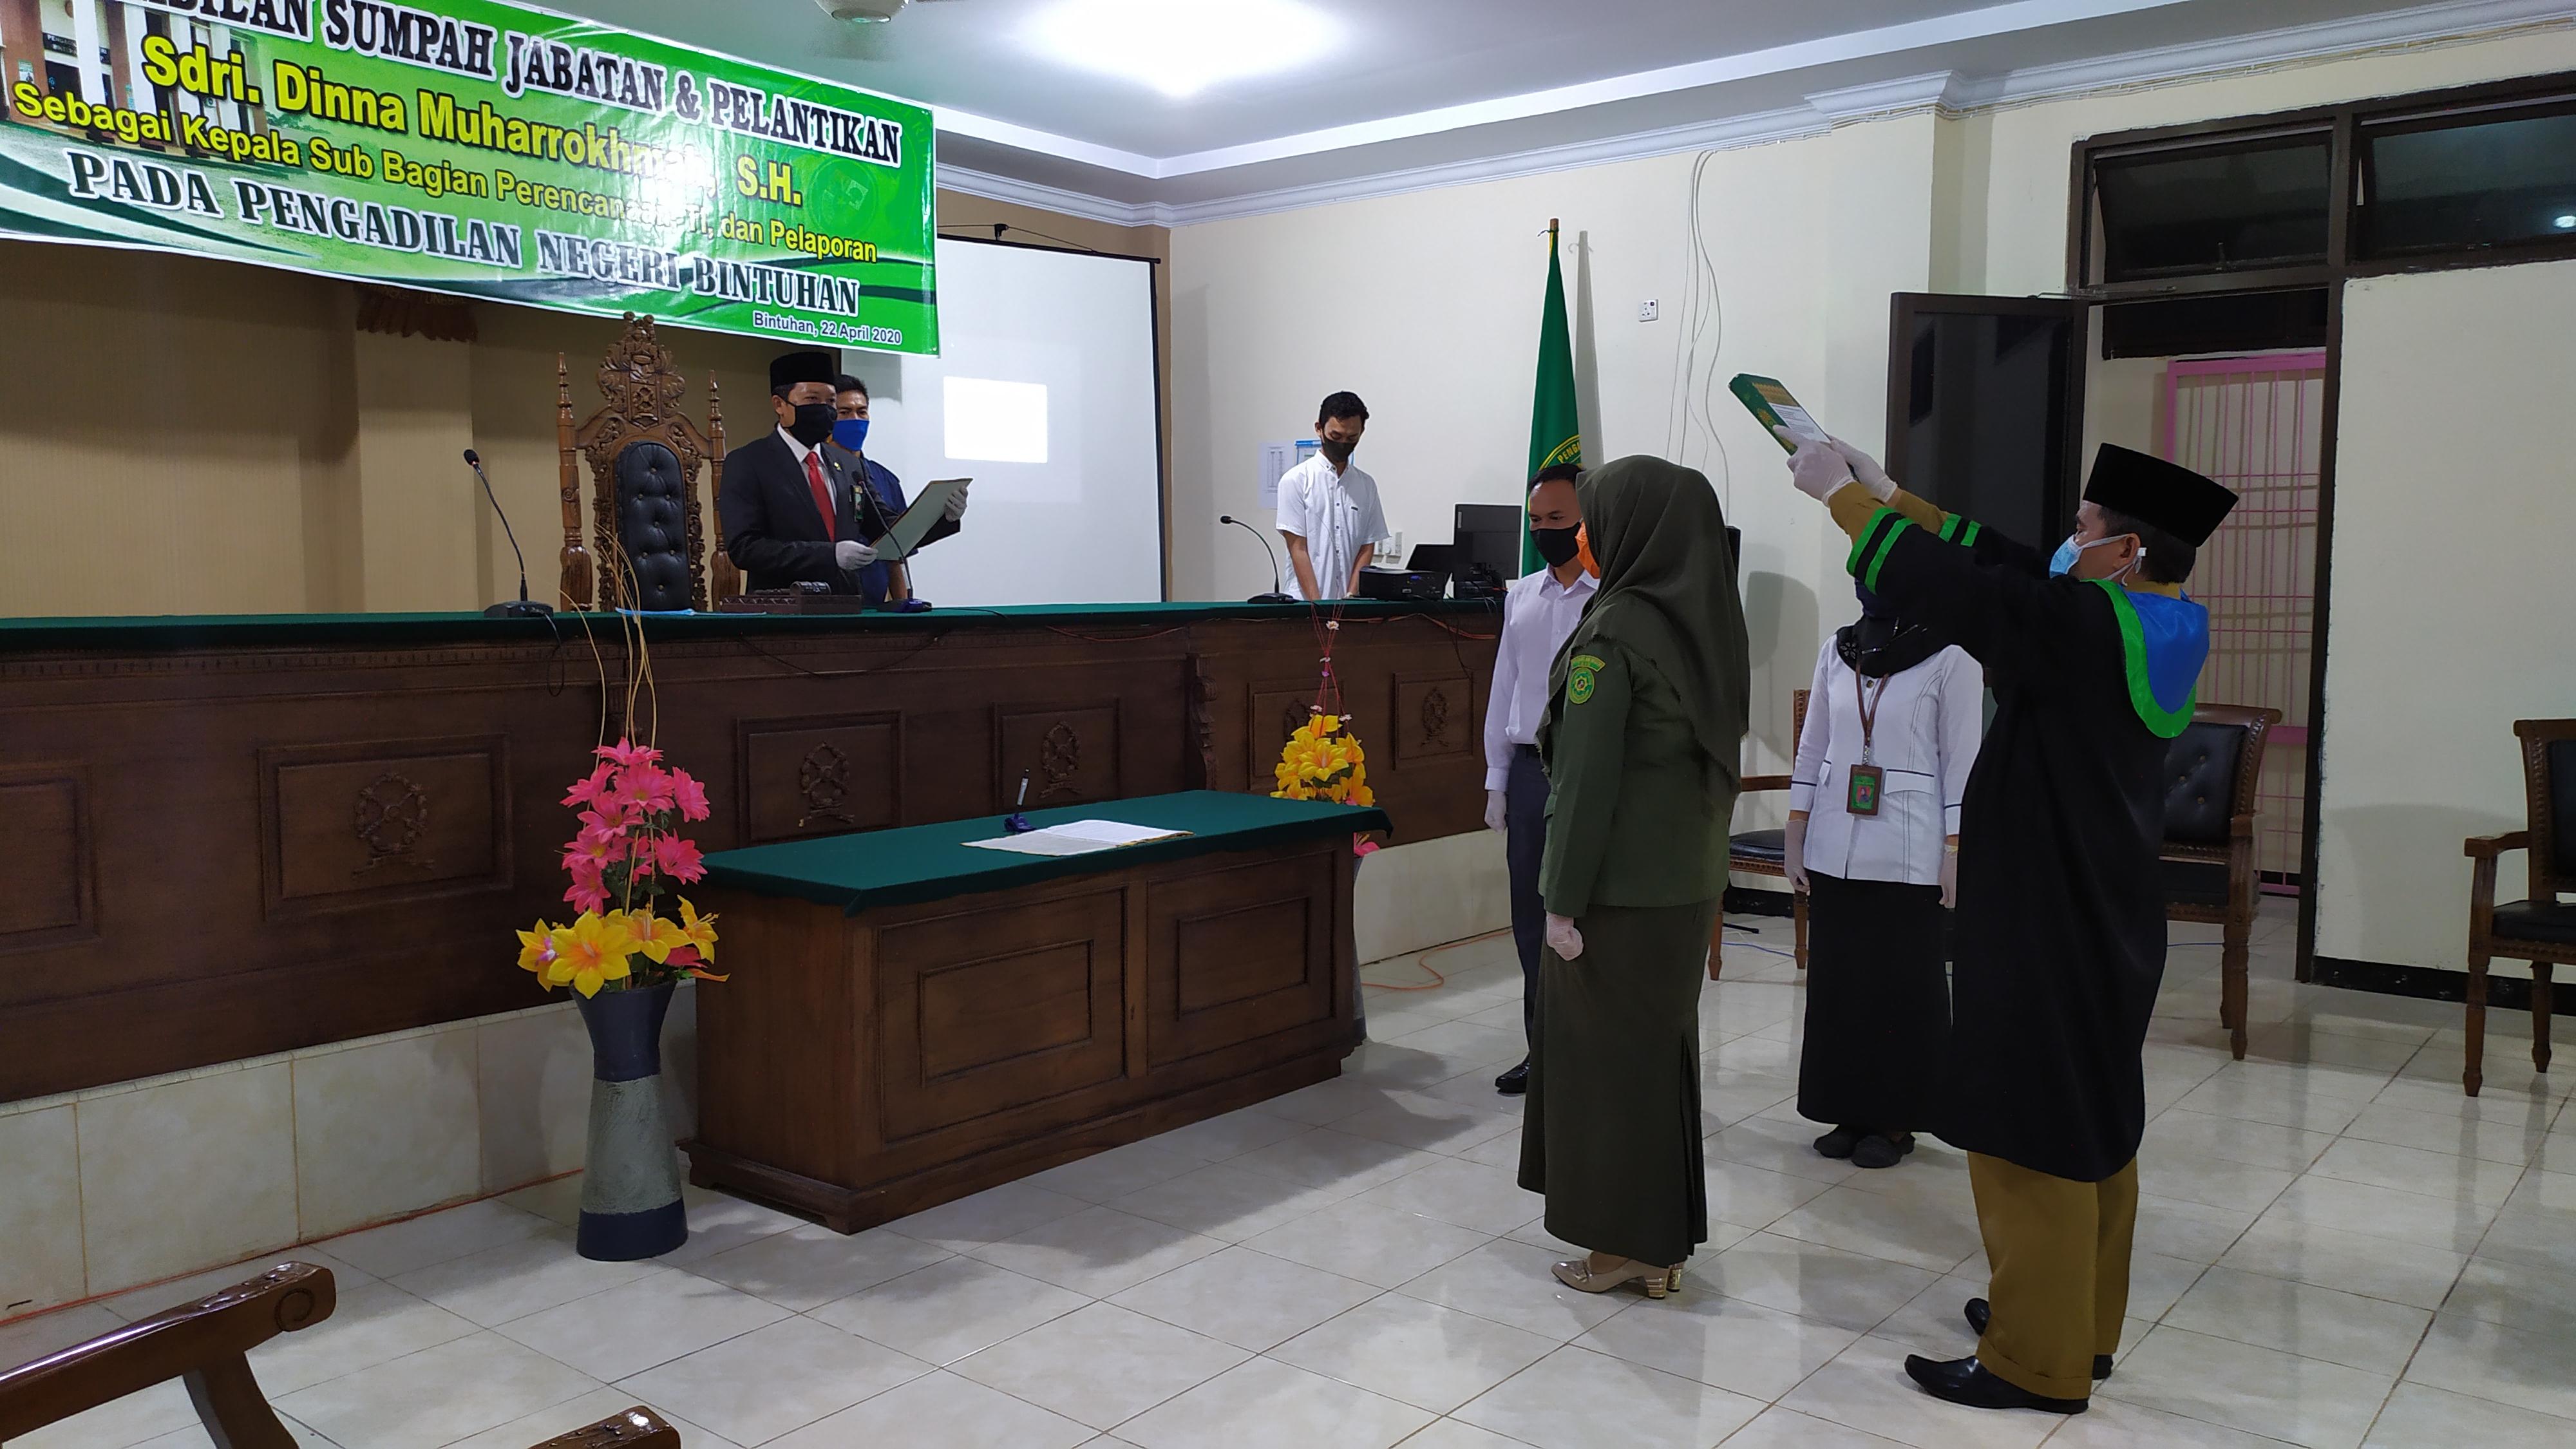 Pengambilan Sumpah Jabatan dan Pelantikan Kasubbag PTIP Pengadilan Negeri Bintuhan